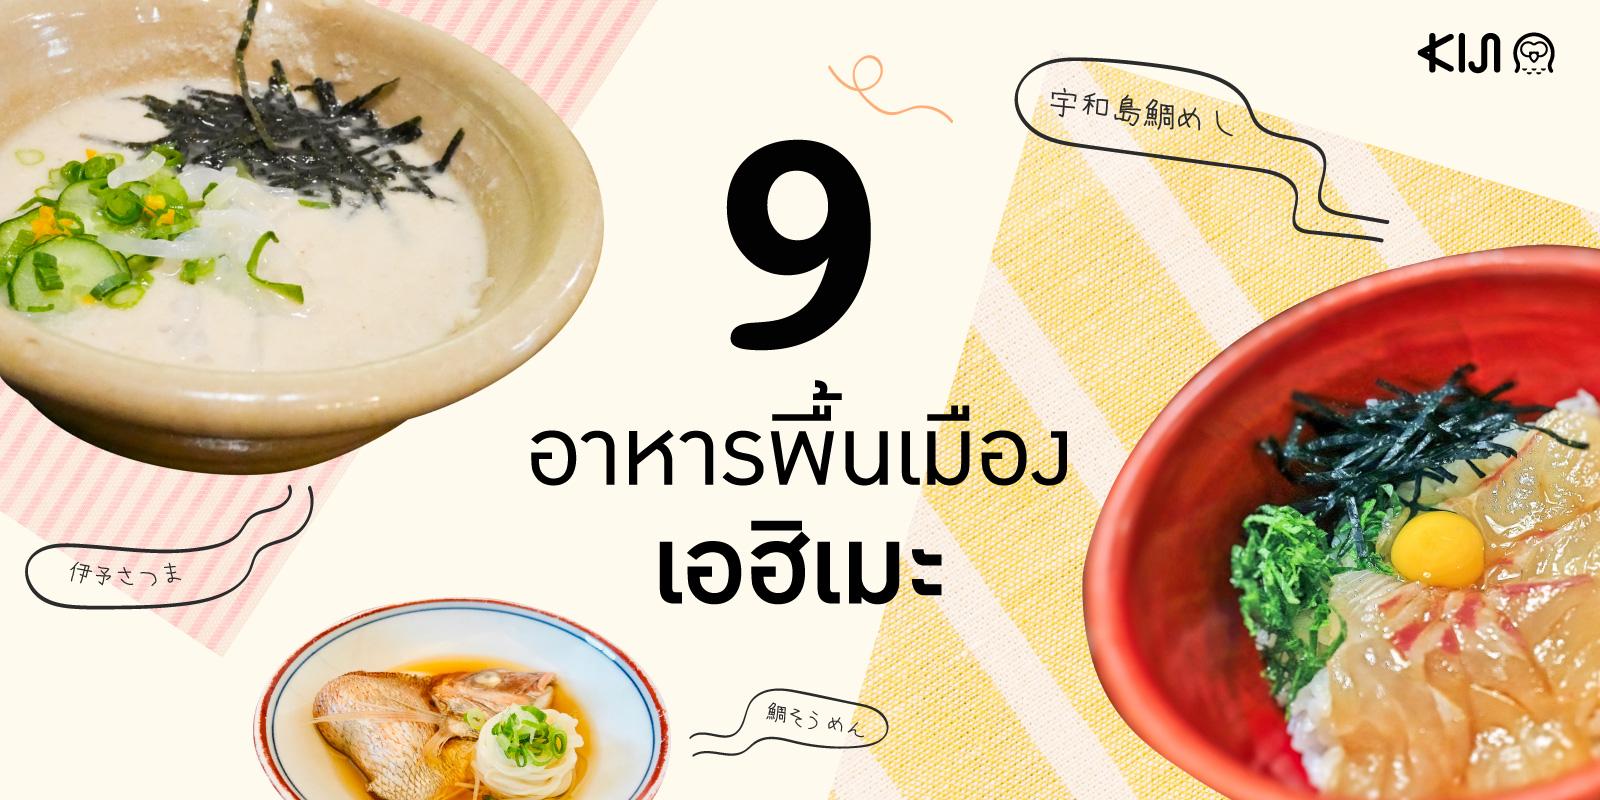 อาหารพื้นเมือง เอฮิเมะ (Ehime Food)